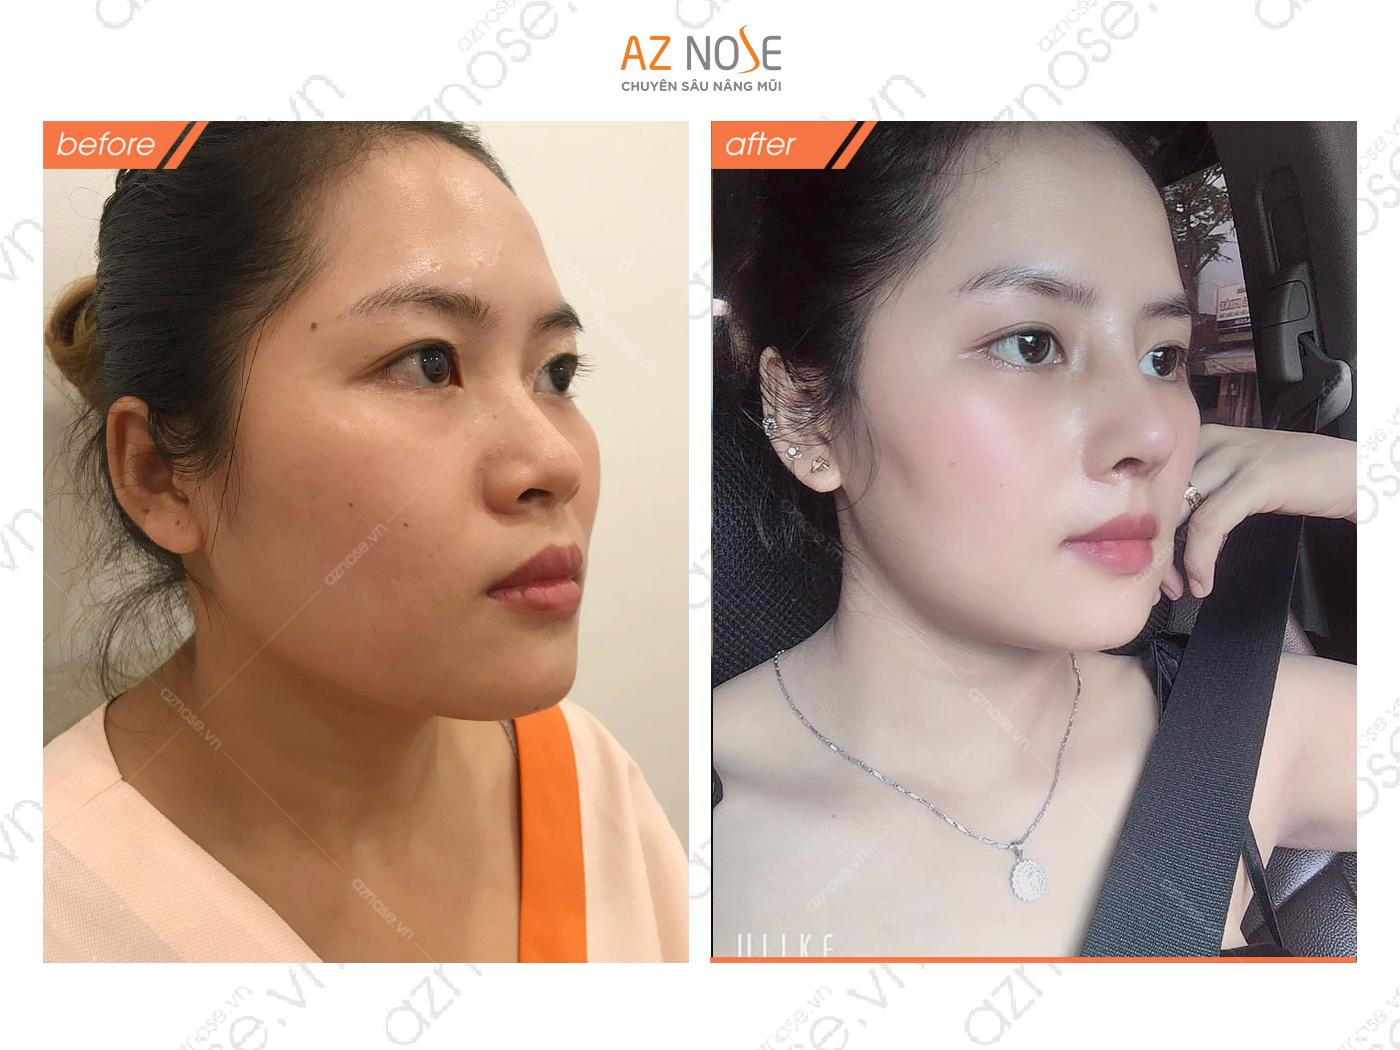 Nâng mũi cấu trúc Surigiform mang đến cho khách hàng Kim Quyên một gương mặt xinh đẹp, thanh tú hơn